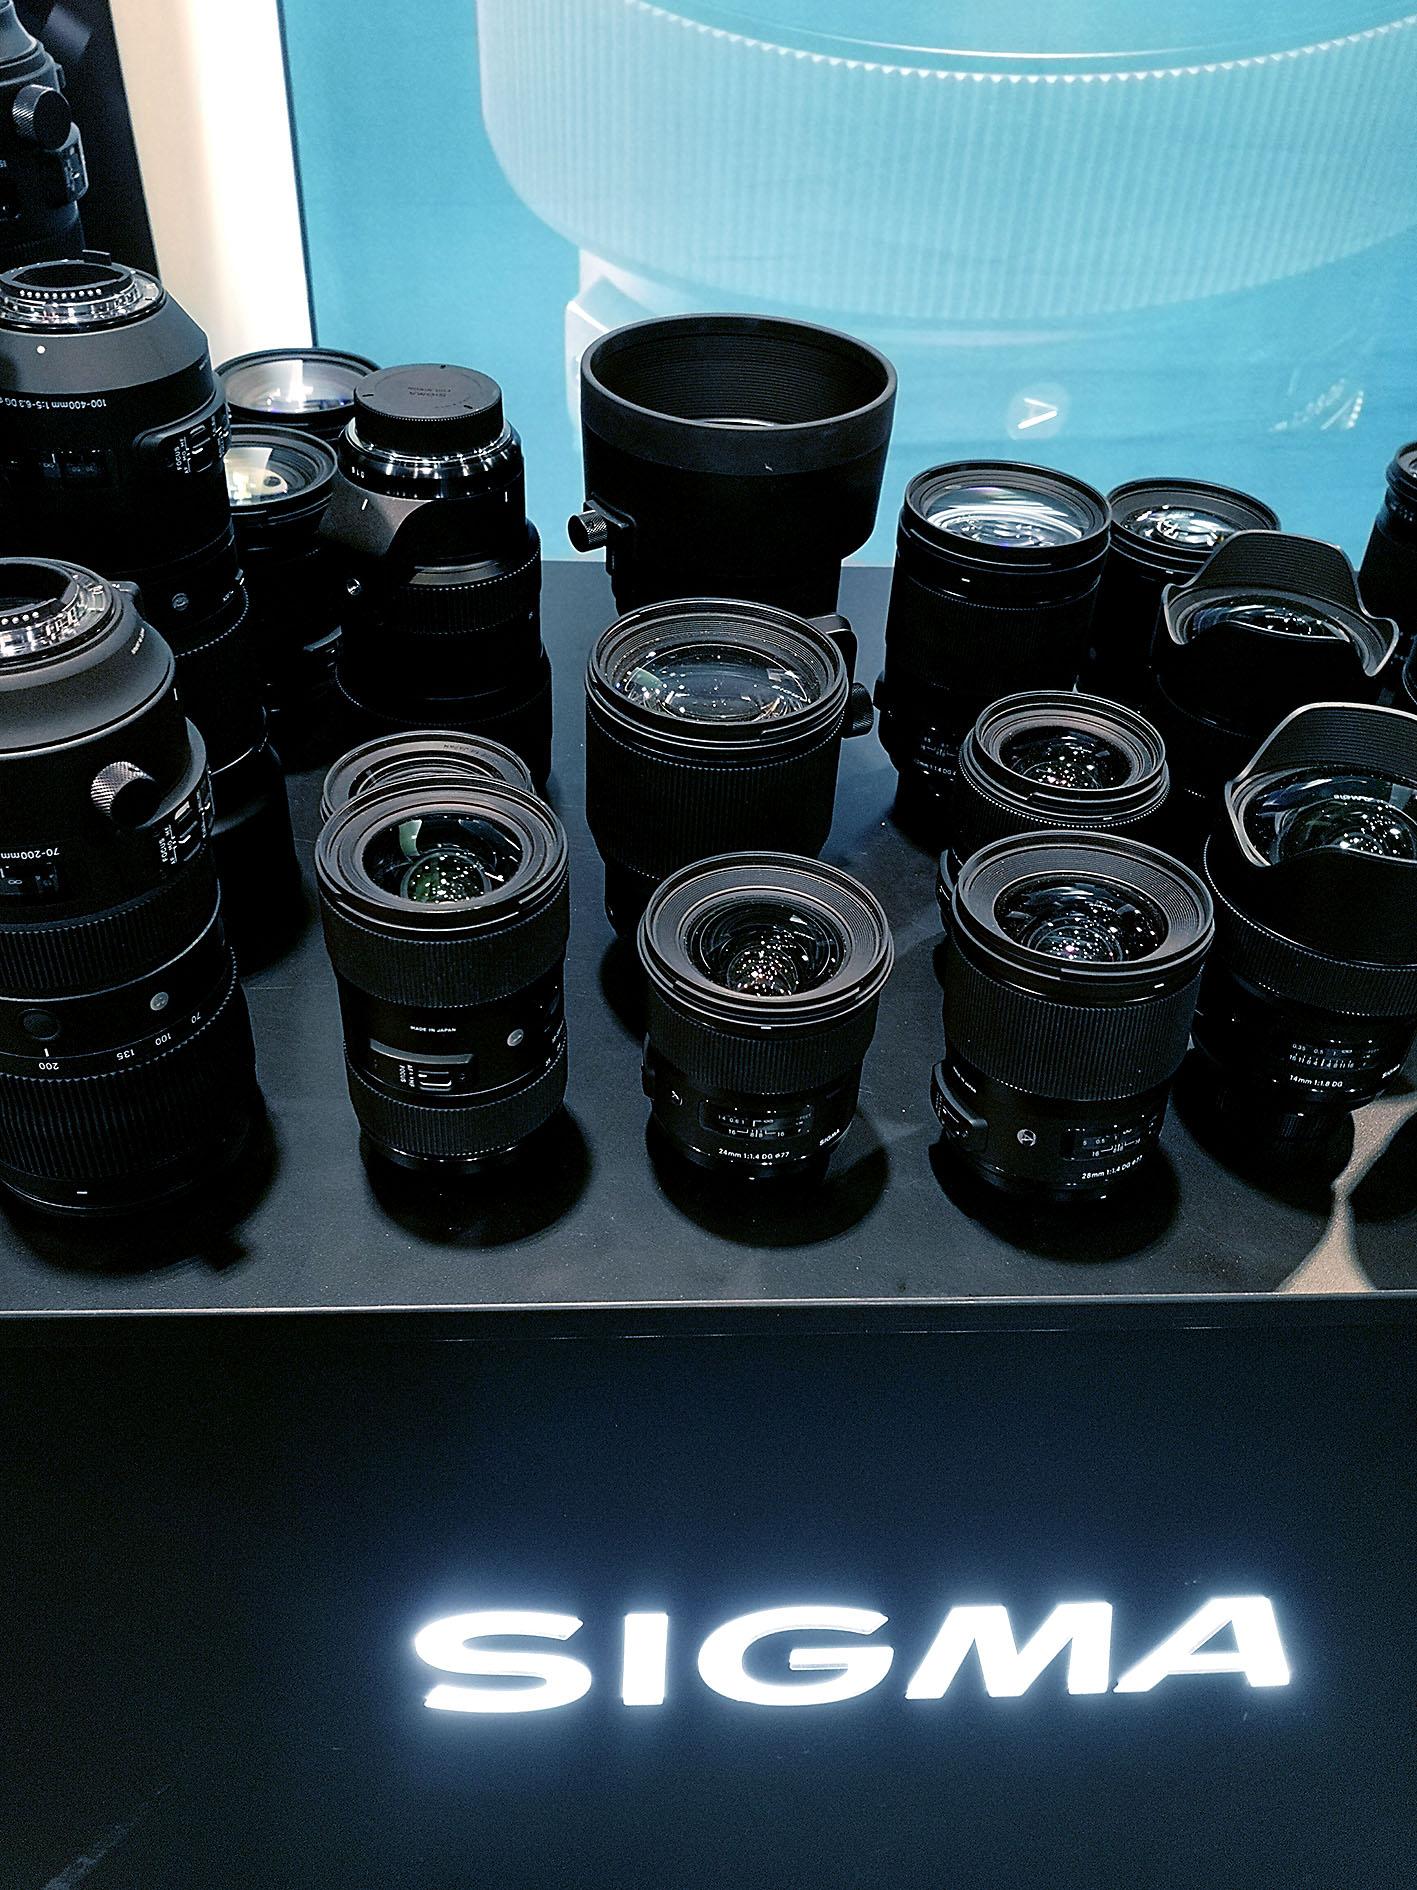 Sigma war in der Halle nur mit einem kleinen Stand vertreten. Der war aber komplett gefüllt mit Objektiven. Auf dem Freigelände war dann der große Messestand. Foto: Michael B. Rehders